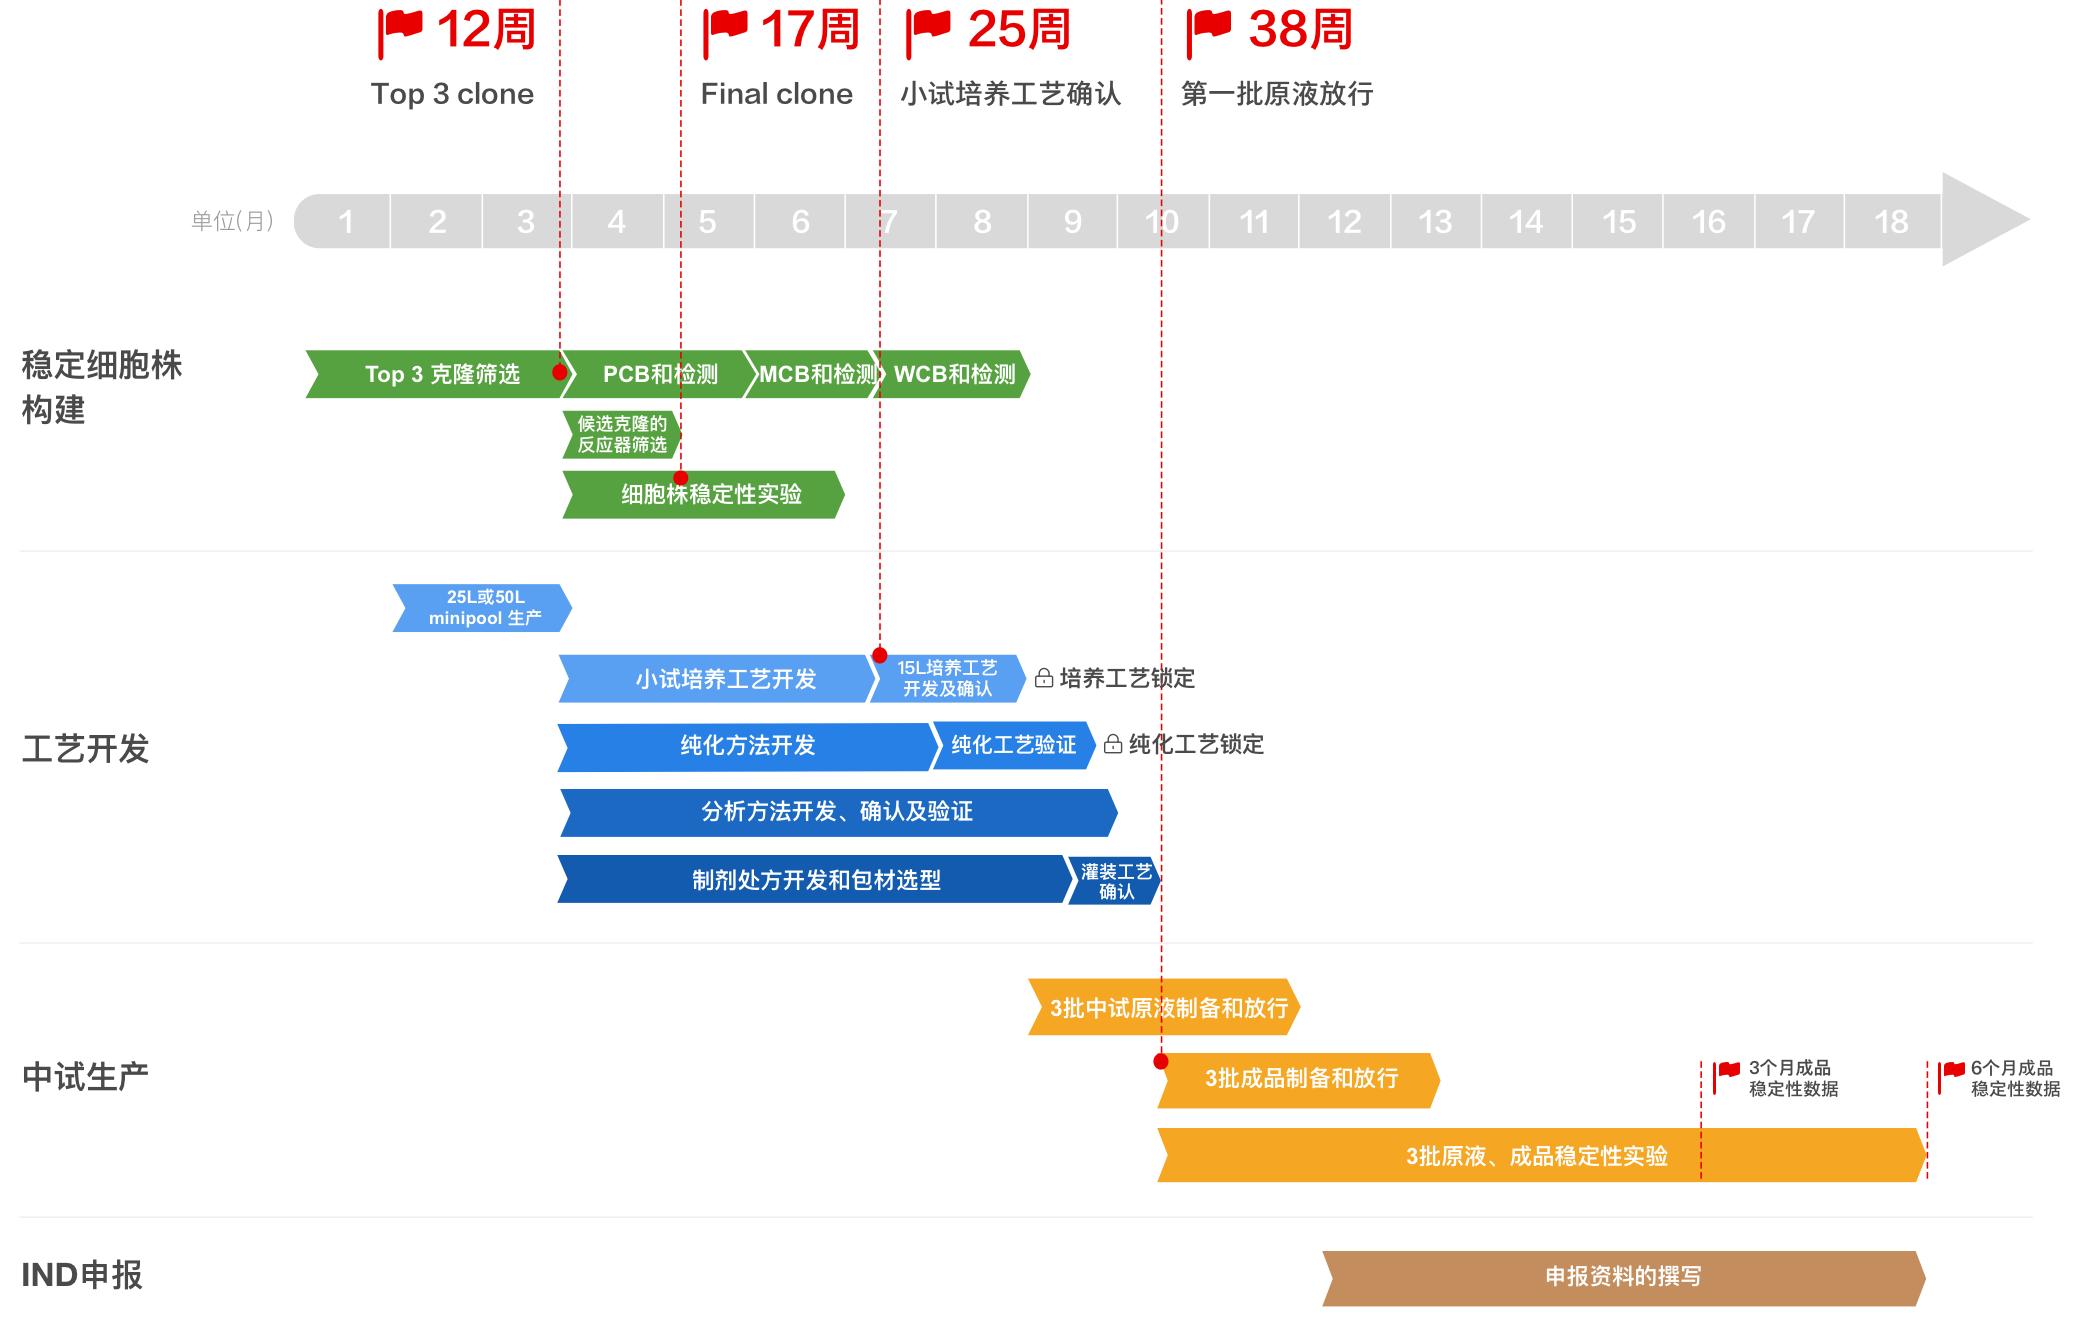 皓阳生物抗体药物CMC 开发时间进度表2-3.png